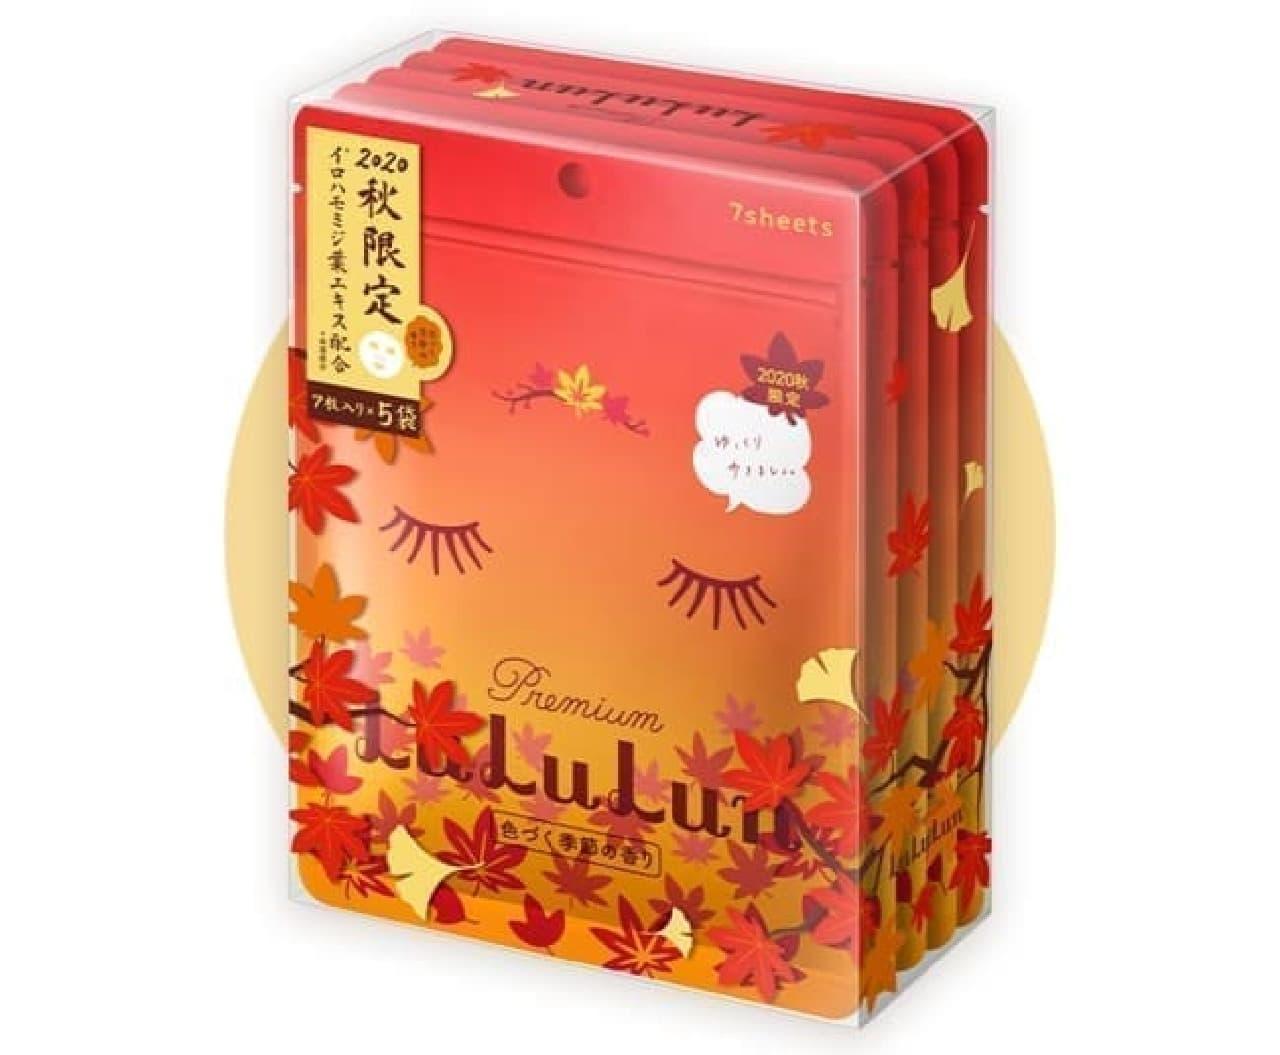 2020秋限定 プレミアムルルルン紅葉(色づく季節の香り)